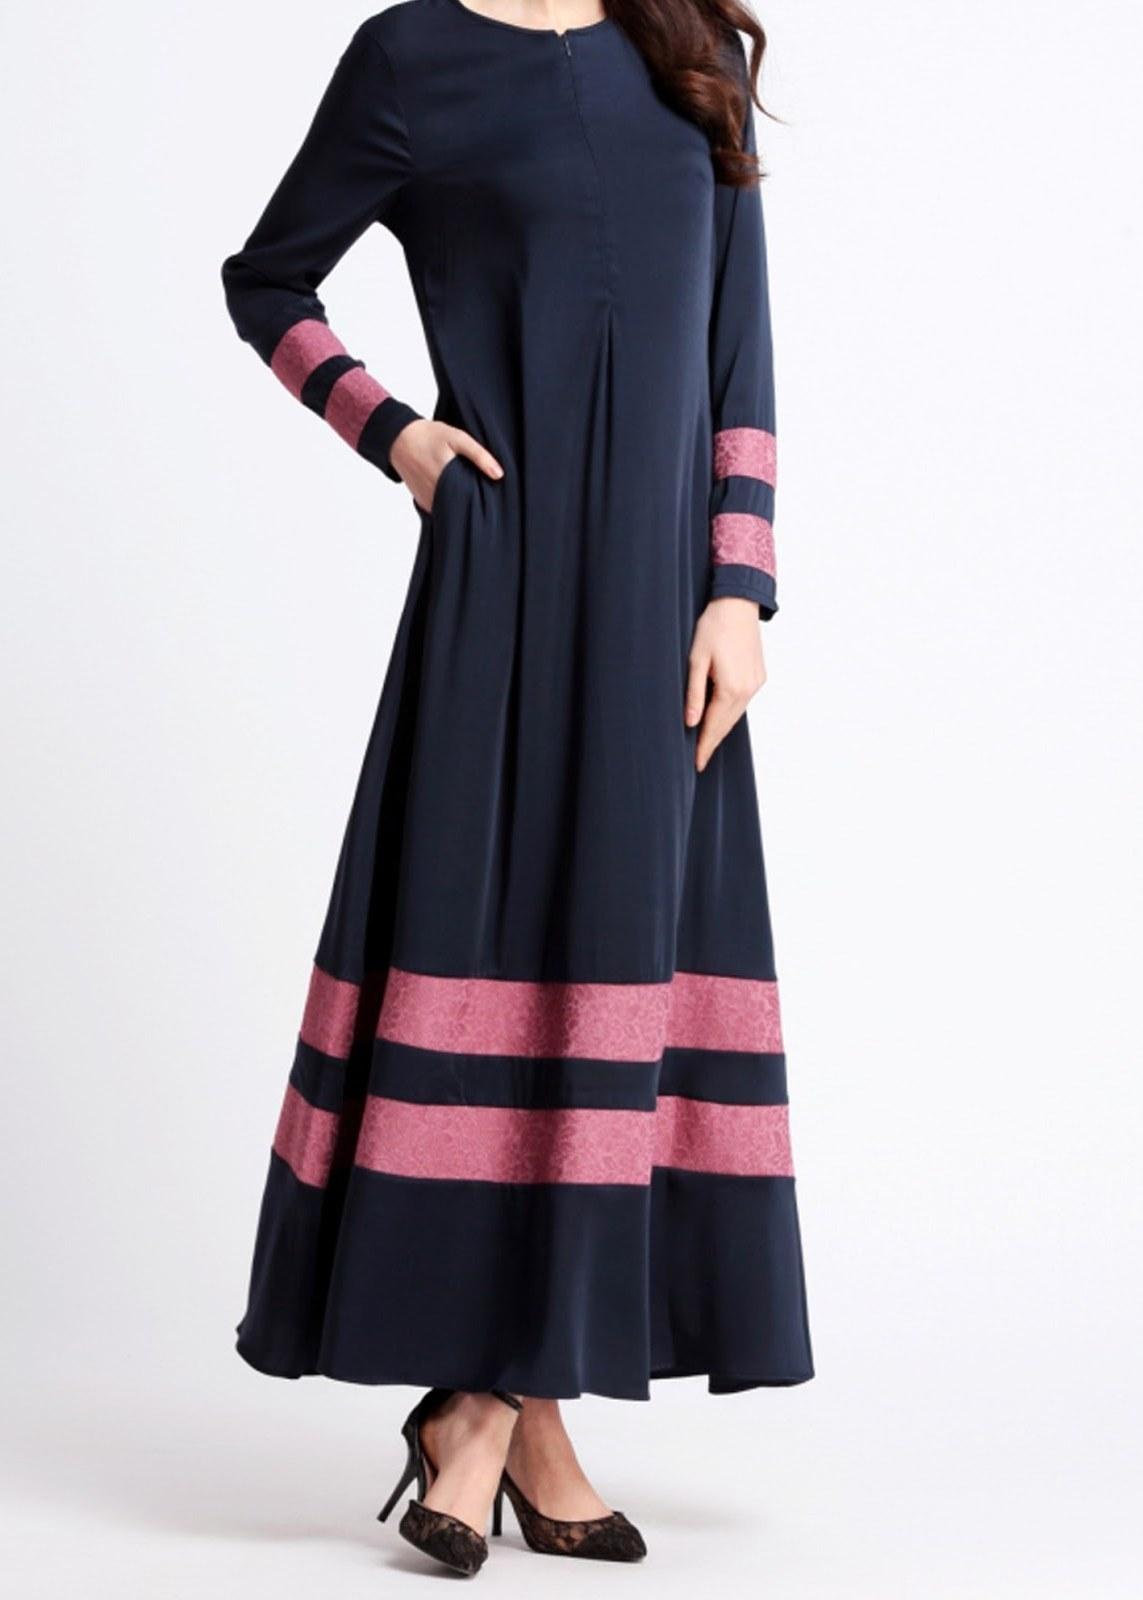 Ide Jual Baju Pengantin Muslimah Syar'i Whdr norzi Beautilicious House Nbh0491 Insyikah Jubah Nursing